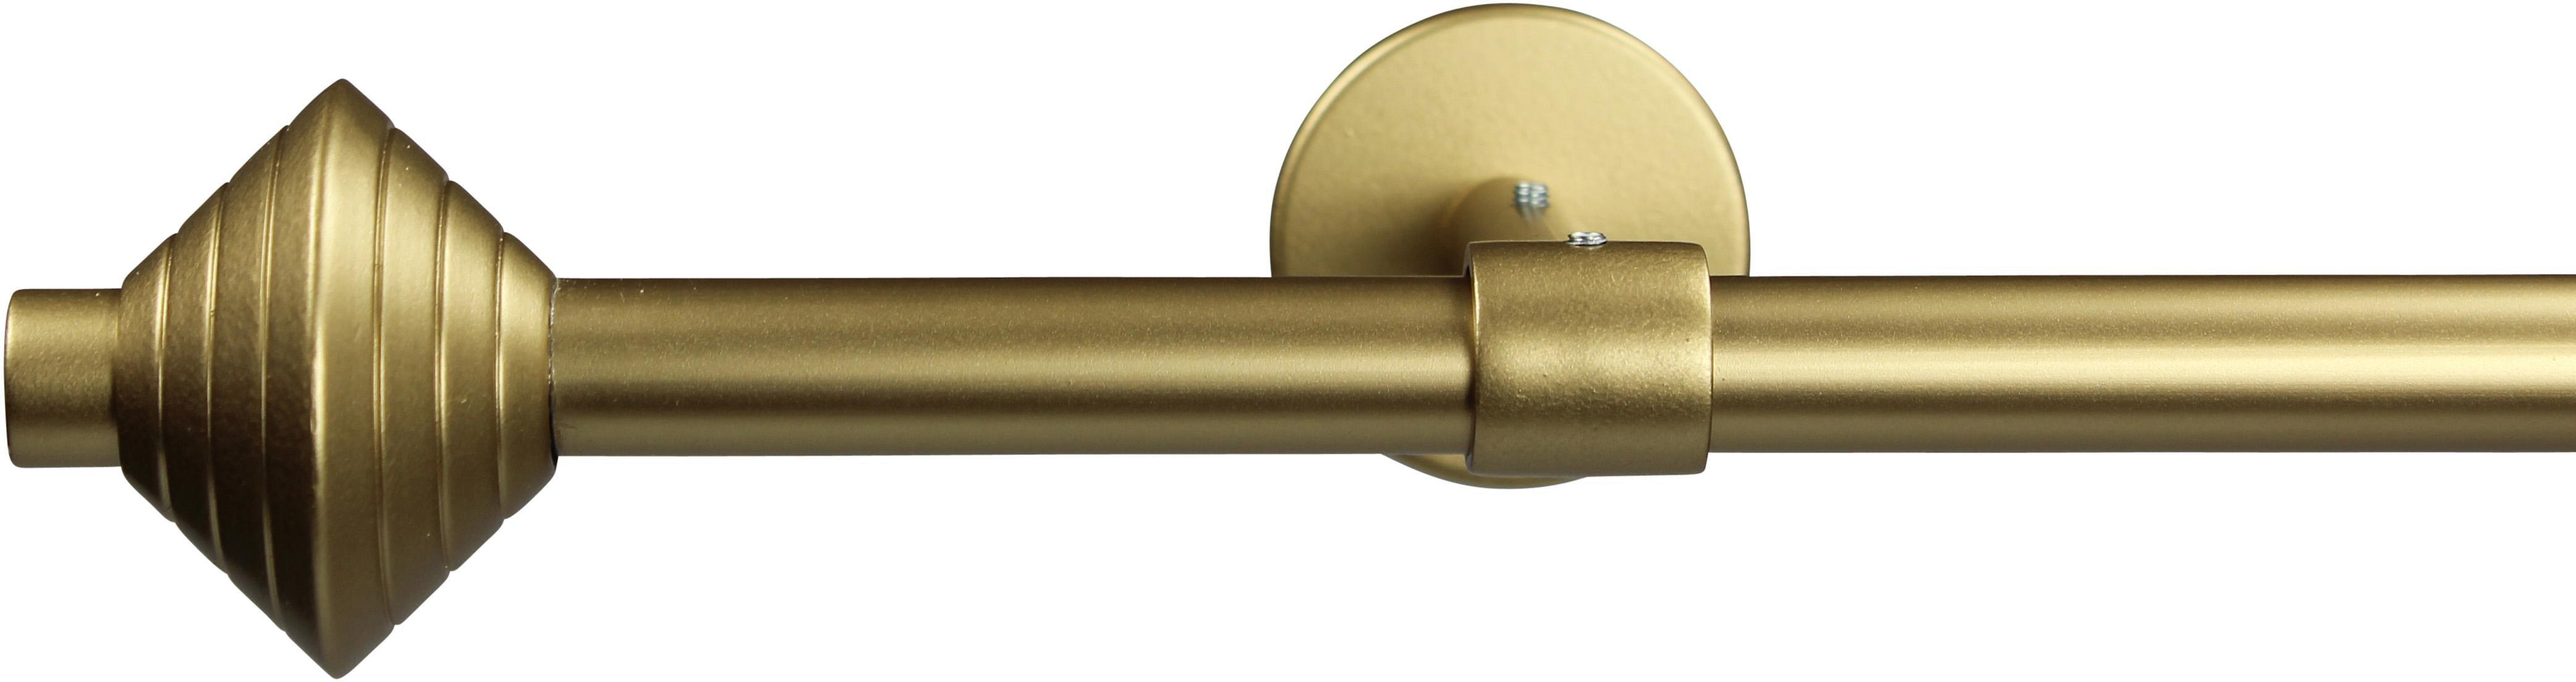 Gardinenstange 16 mm Galaxis, ohne Ringe, mit geschlossenen Träger, nach Maß | Heimtextilien > Gardinen und Vorhänge > Gardinenstangen | GARESA